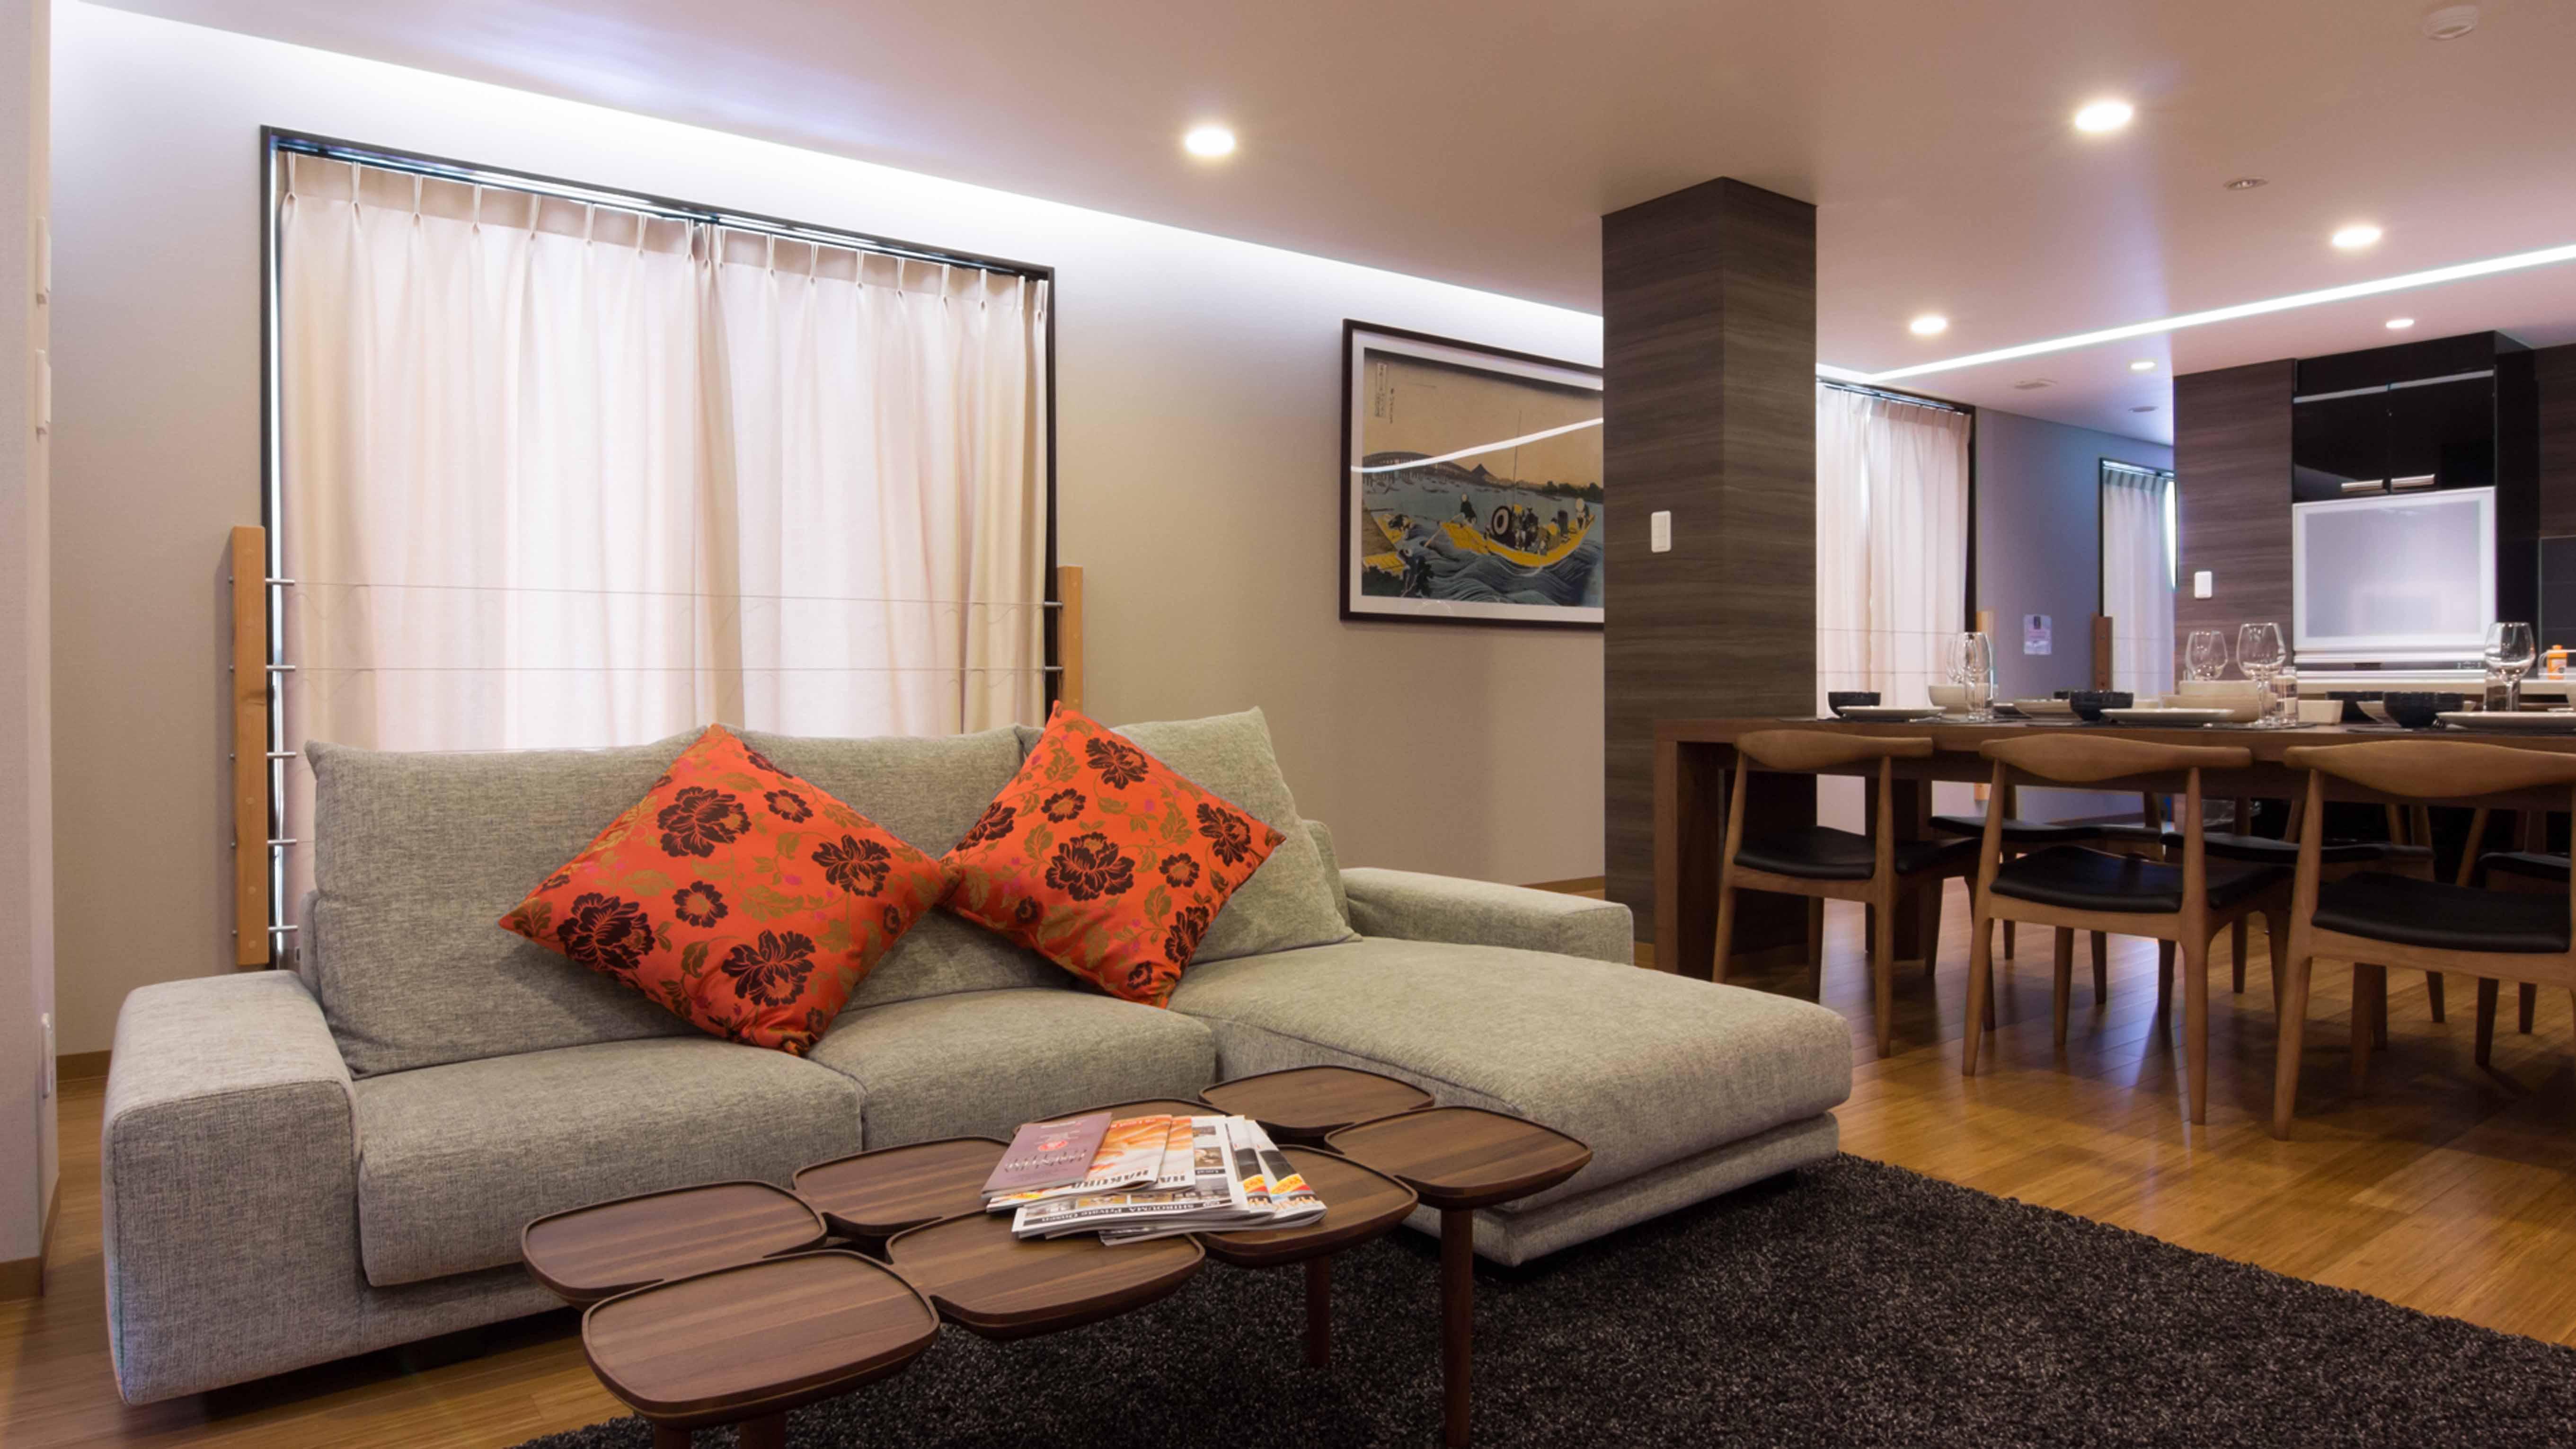 koharu penthouse 1KoharuResortHotel&Suites